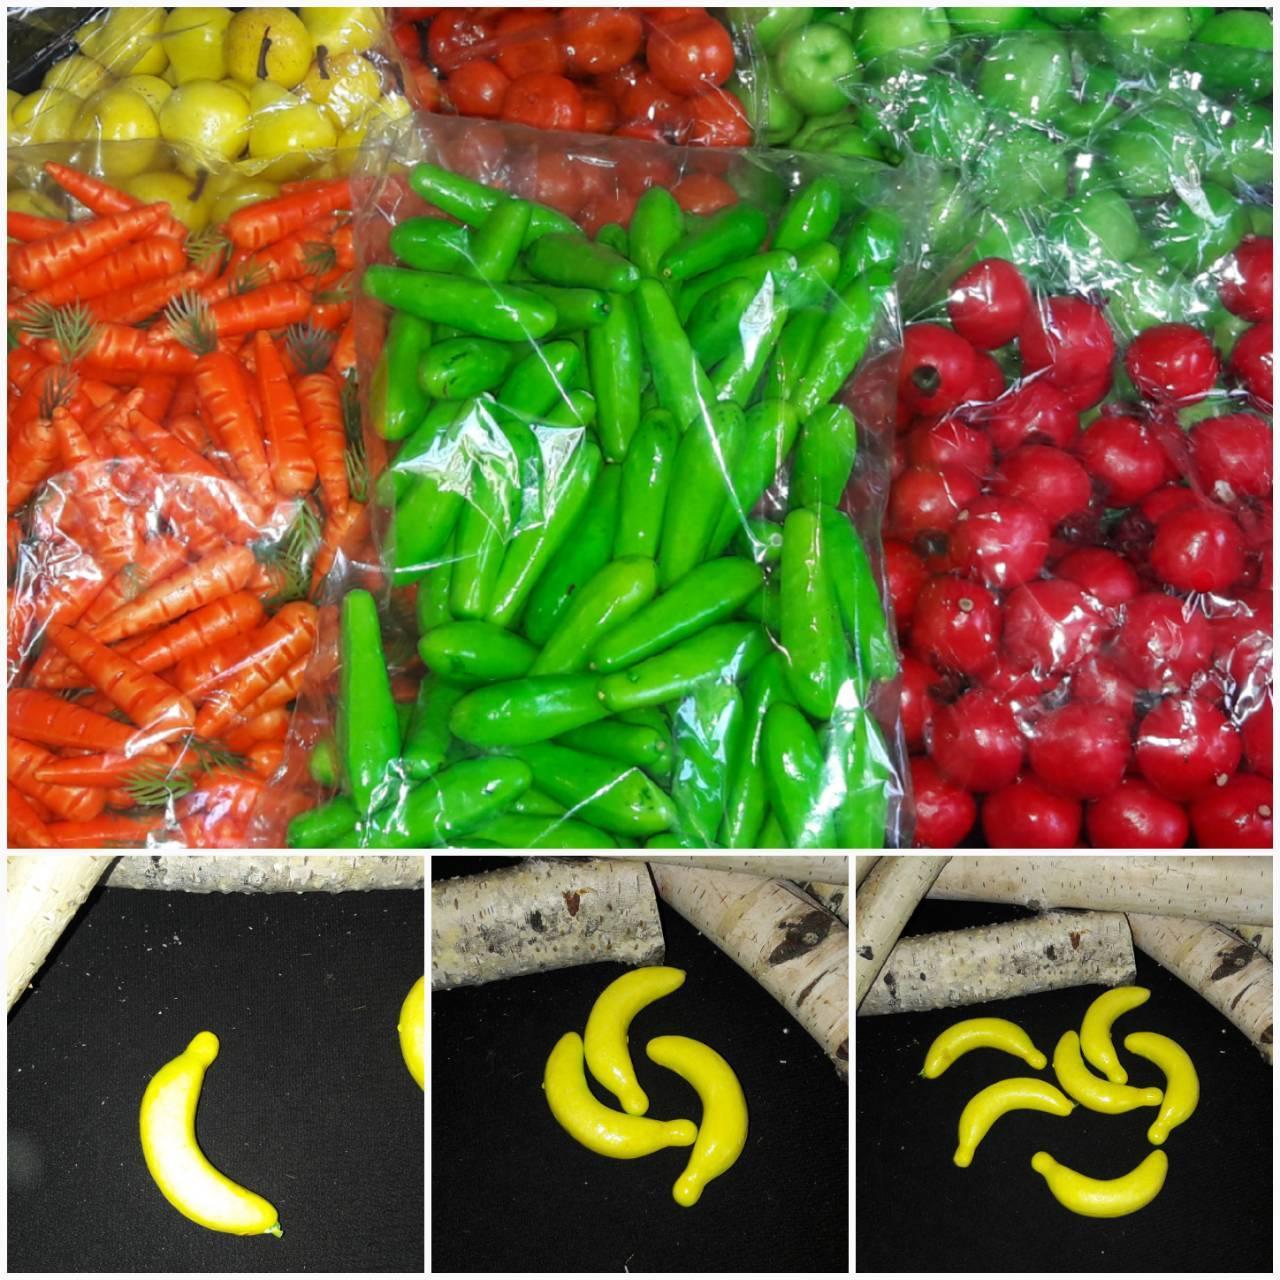 Искусственные бананы, пенопласт, 6.5 см., 50 шт., 125 грн.